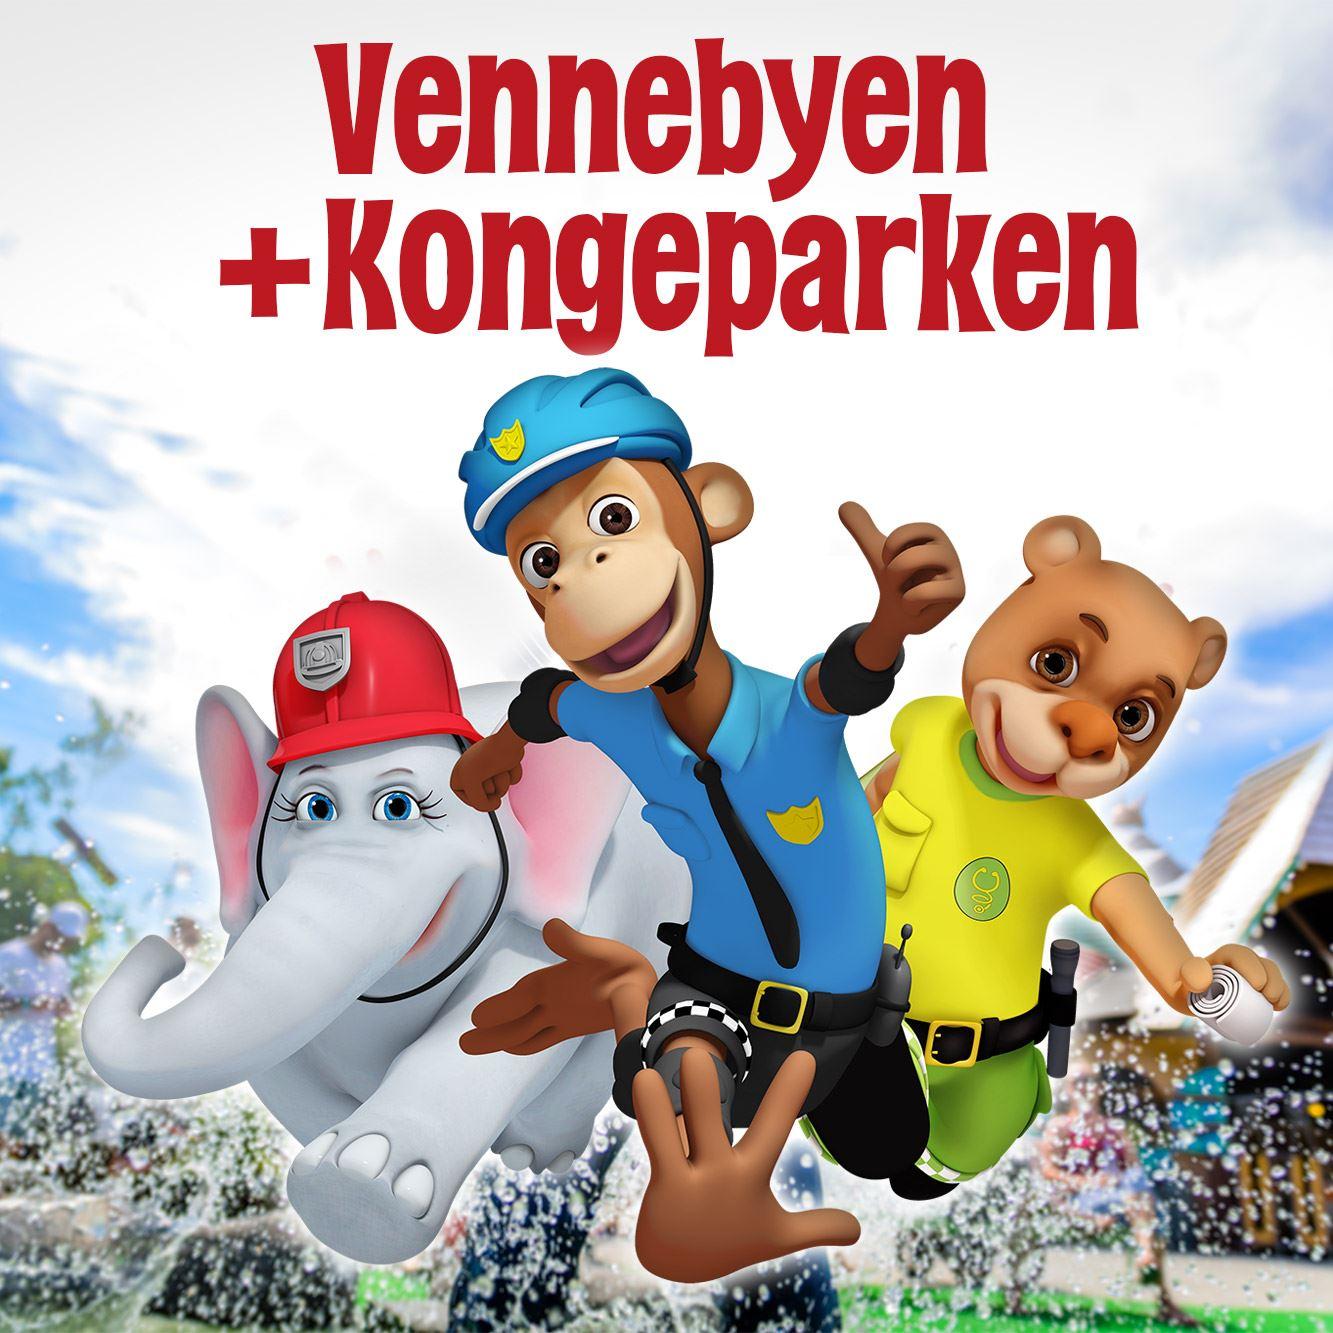 Vennebyen + Kongeparken